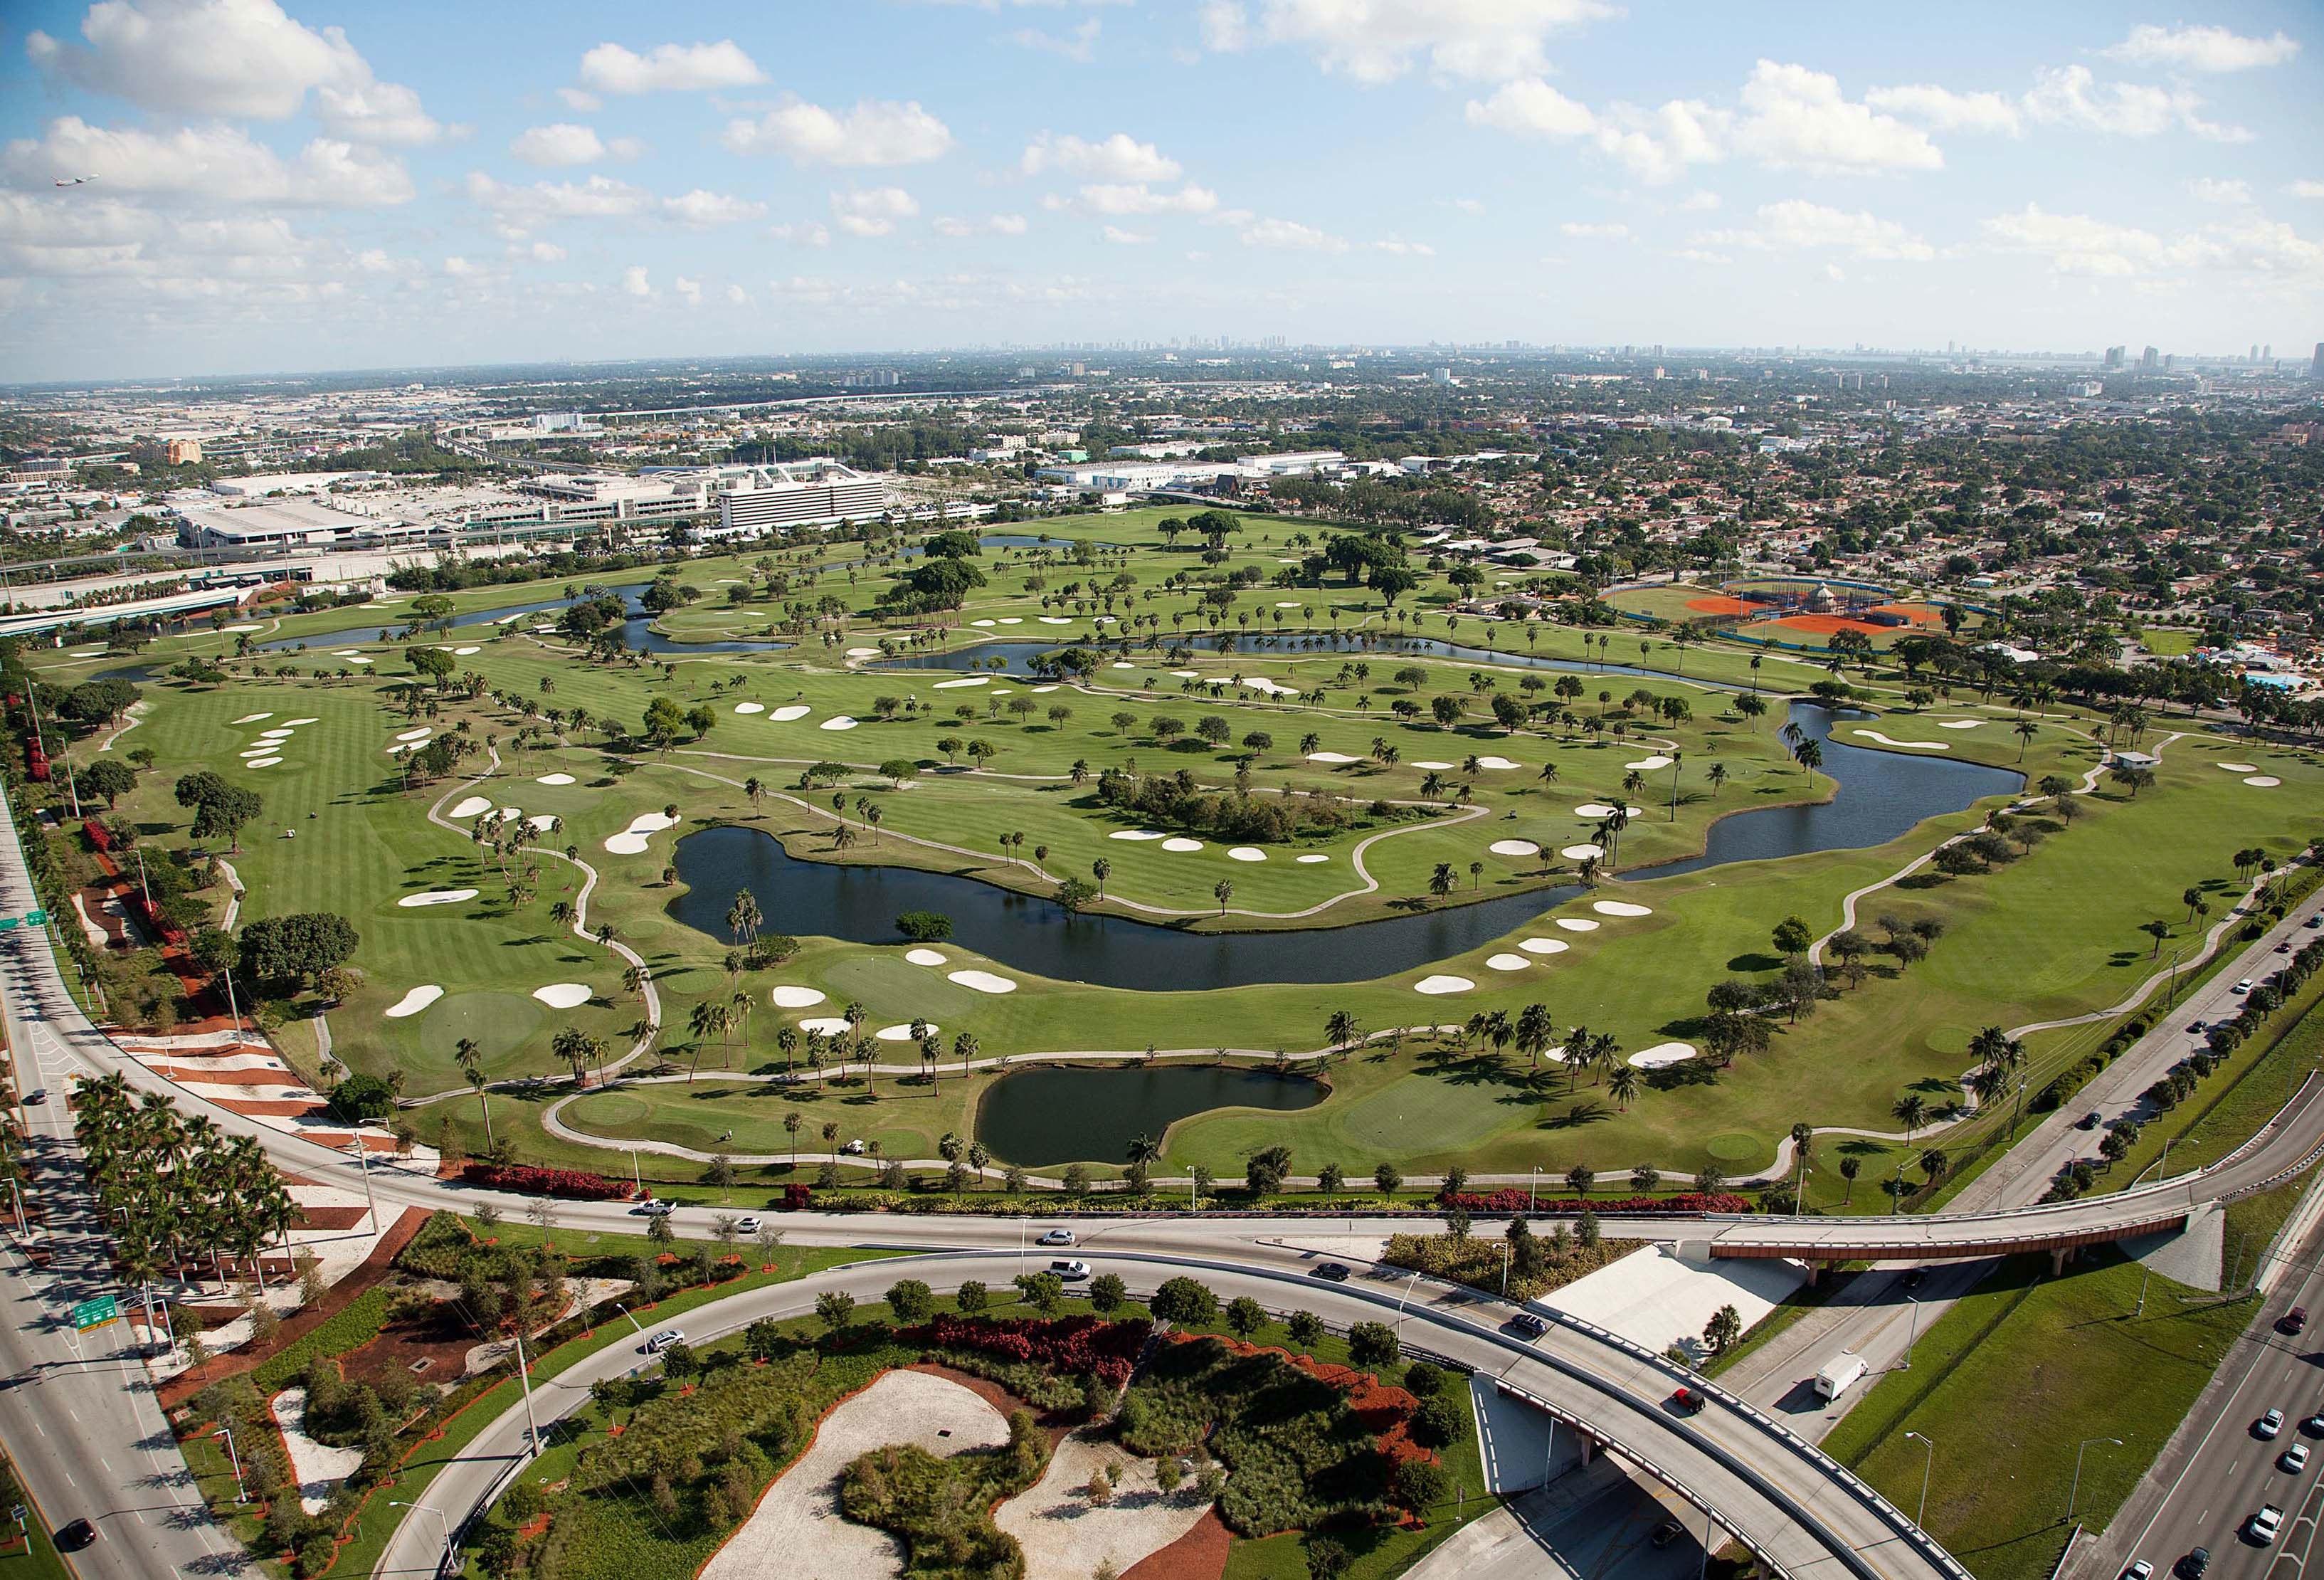 En este campo de golf de Miami, Melreese, Beckham y su grupo quieren construir no sólo el estadio para su equipo de fútbol profesional